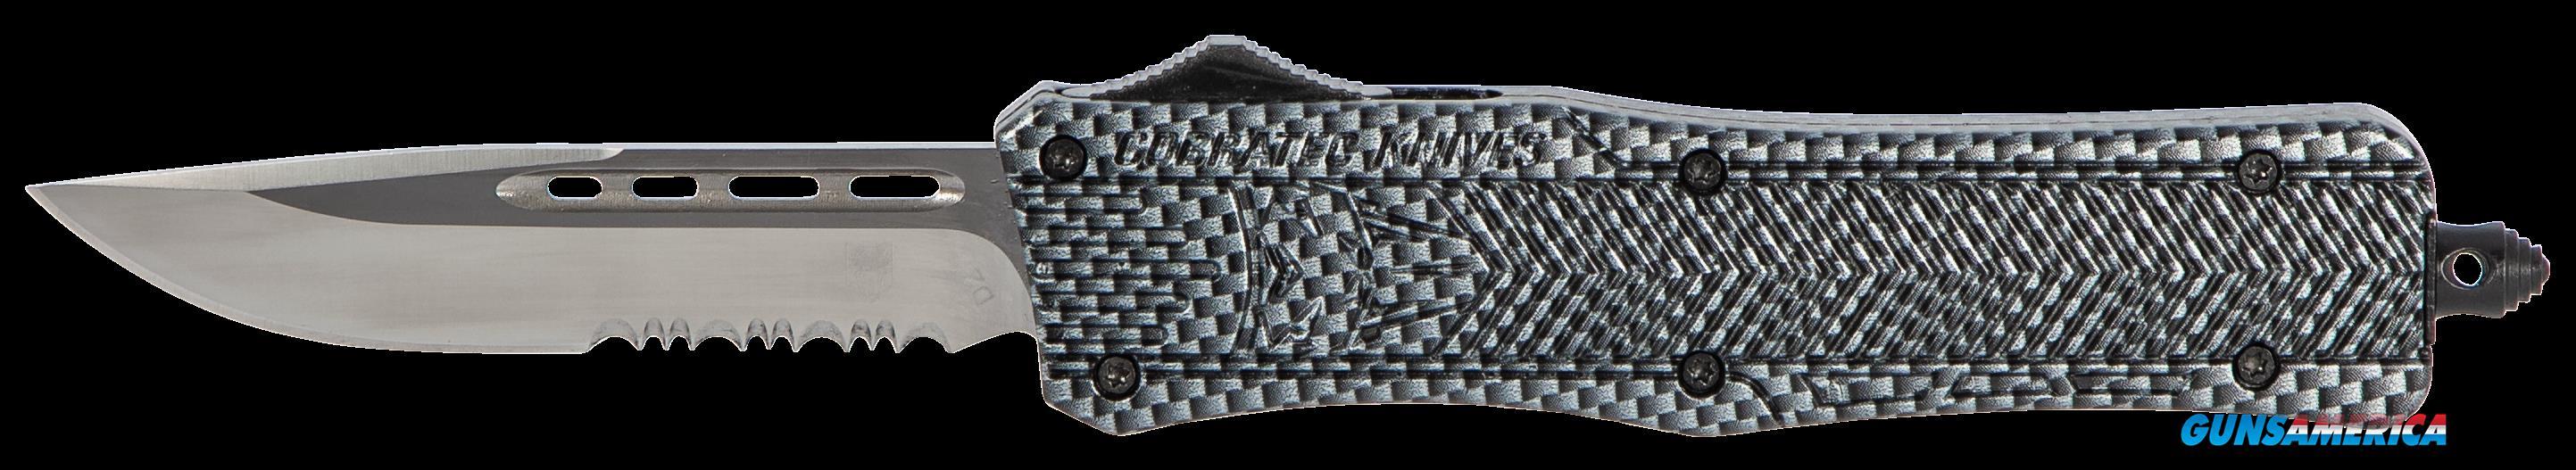 Cobra Tec Knives Llc Ctk-1, Cobra Mcfctk1mds     Med Ctk1 Serr Carbon Fiber  Guns > Pistols > 1911 Pistol Copies (non-Colt)